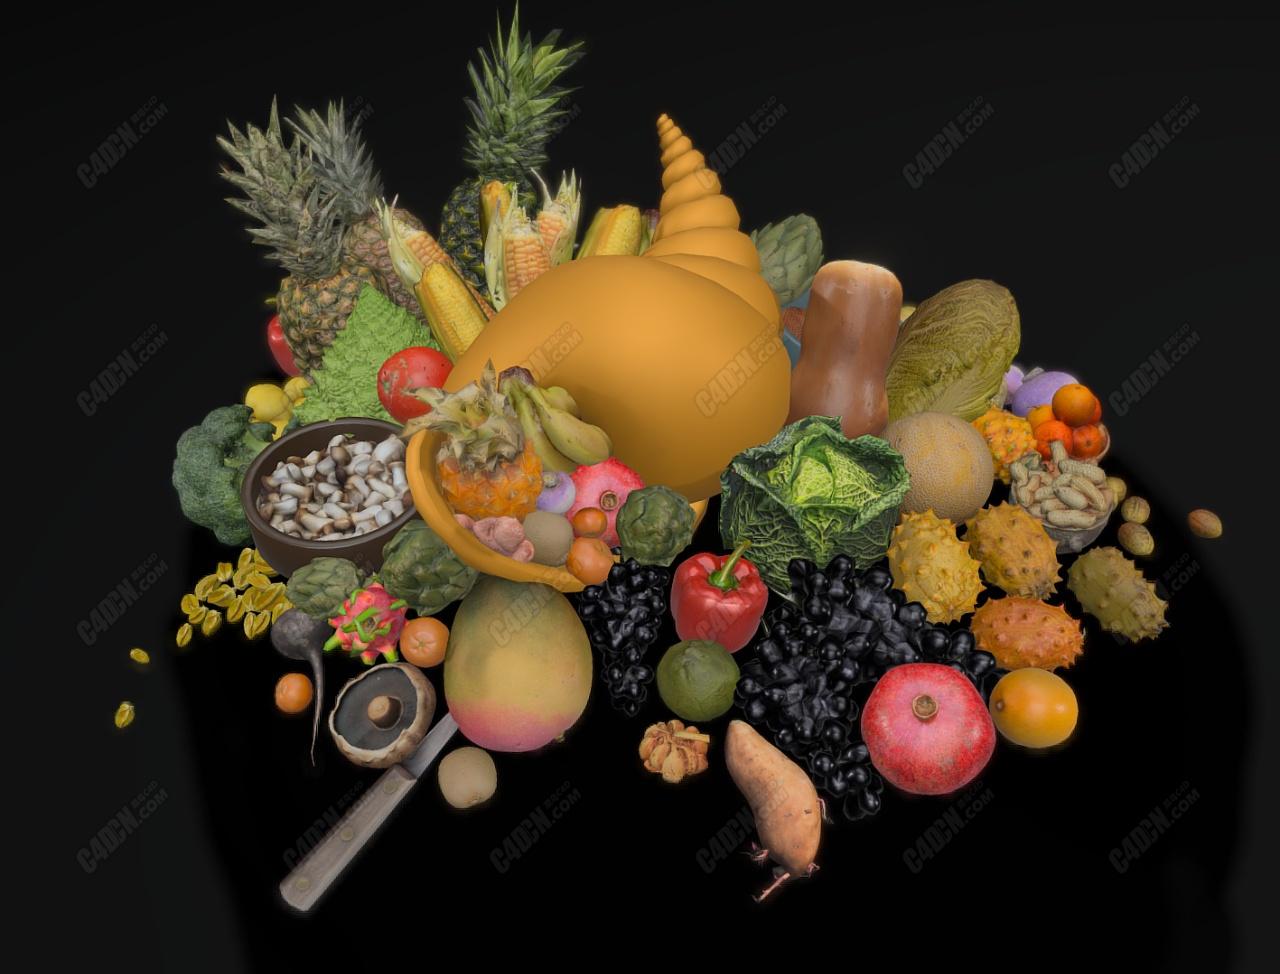 C4D蔬菜水果模型合集